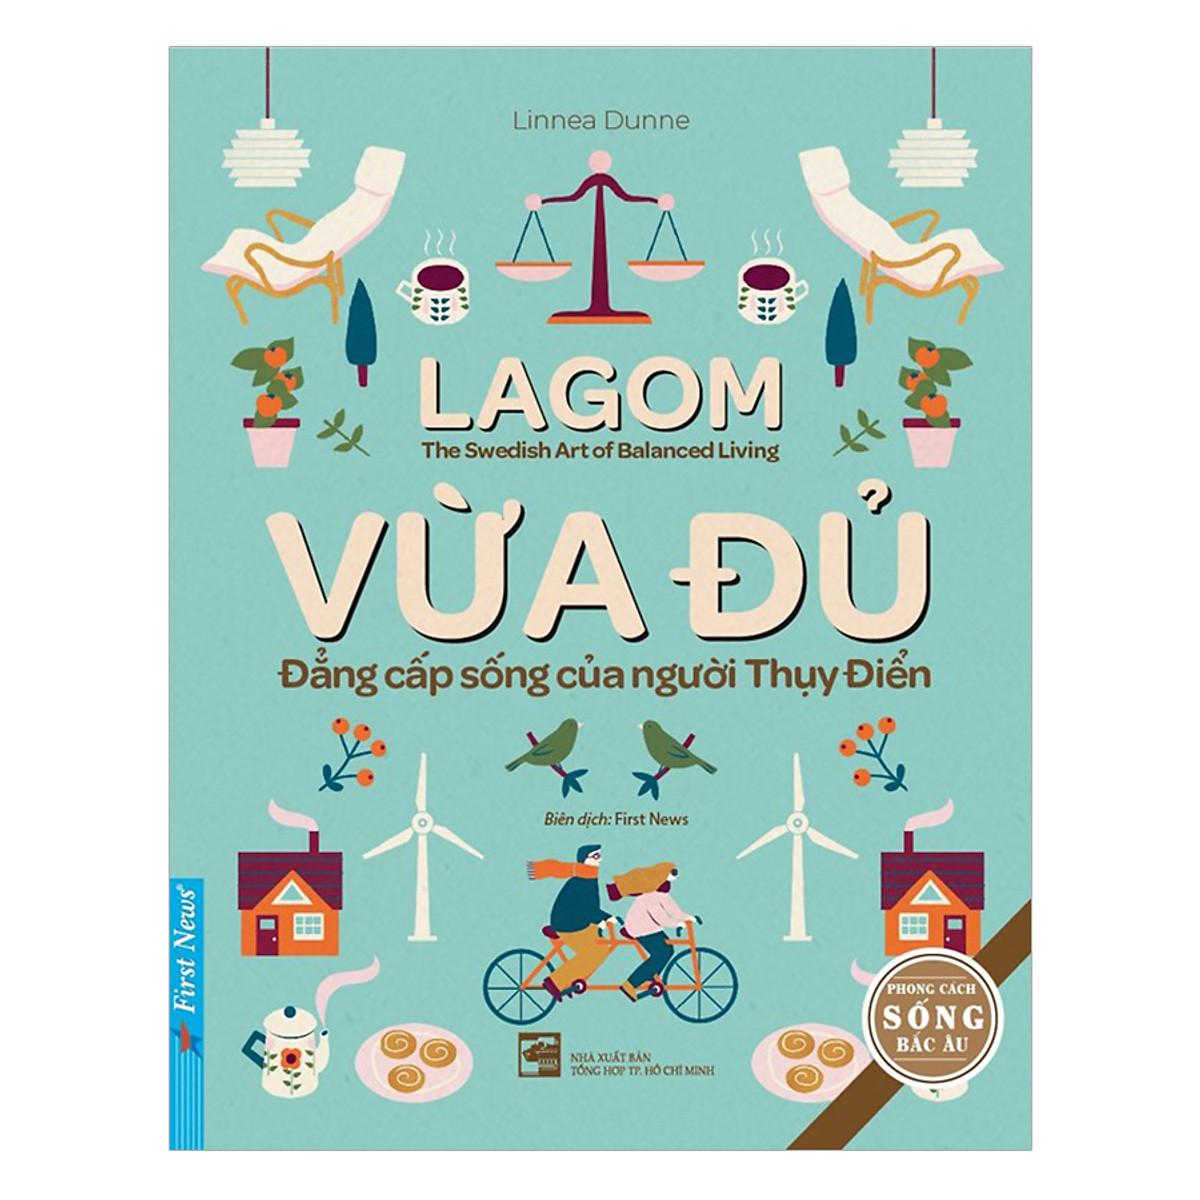 Chương Trình Ưu Đãi cho Lagom - Vừa Đủ - Đẳng Cấp Sống Của Người Thụy Điển